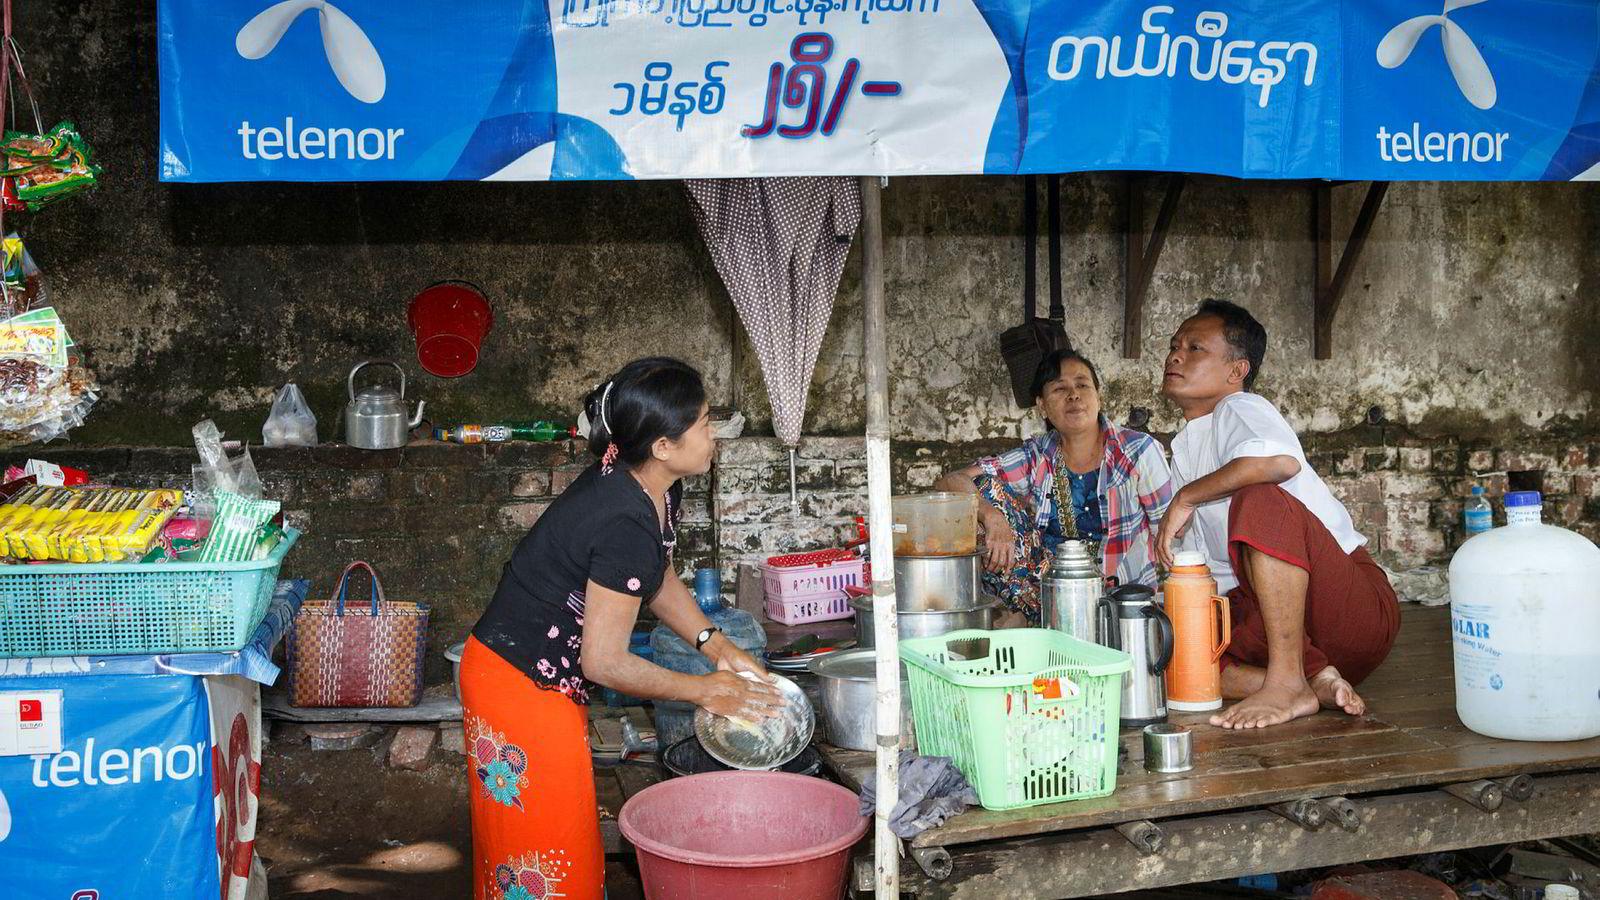 Telenor Myanmar jobber for å få åpnet mobilnettet i flere områder i delstatene Rakhine og Chin. Her fra Telenor-reklame i Myanmars hovedstad Yangon.